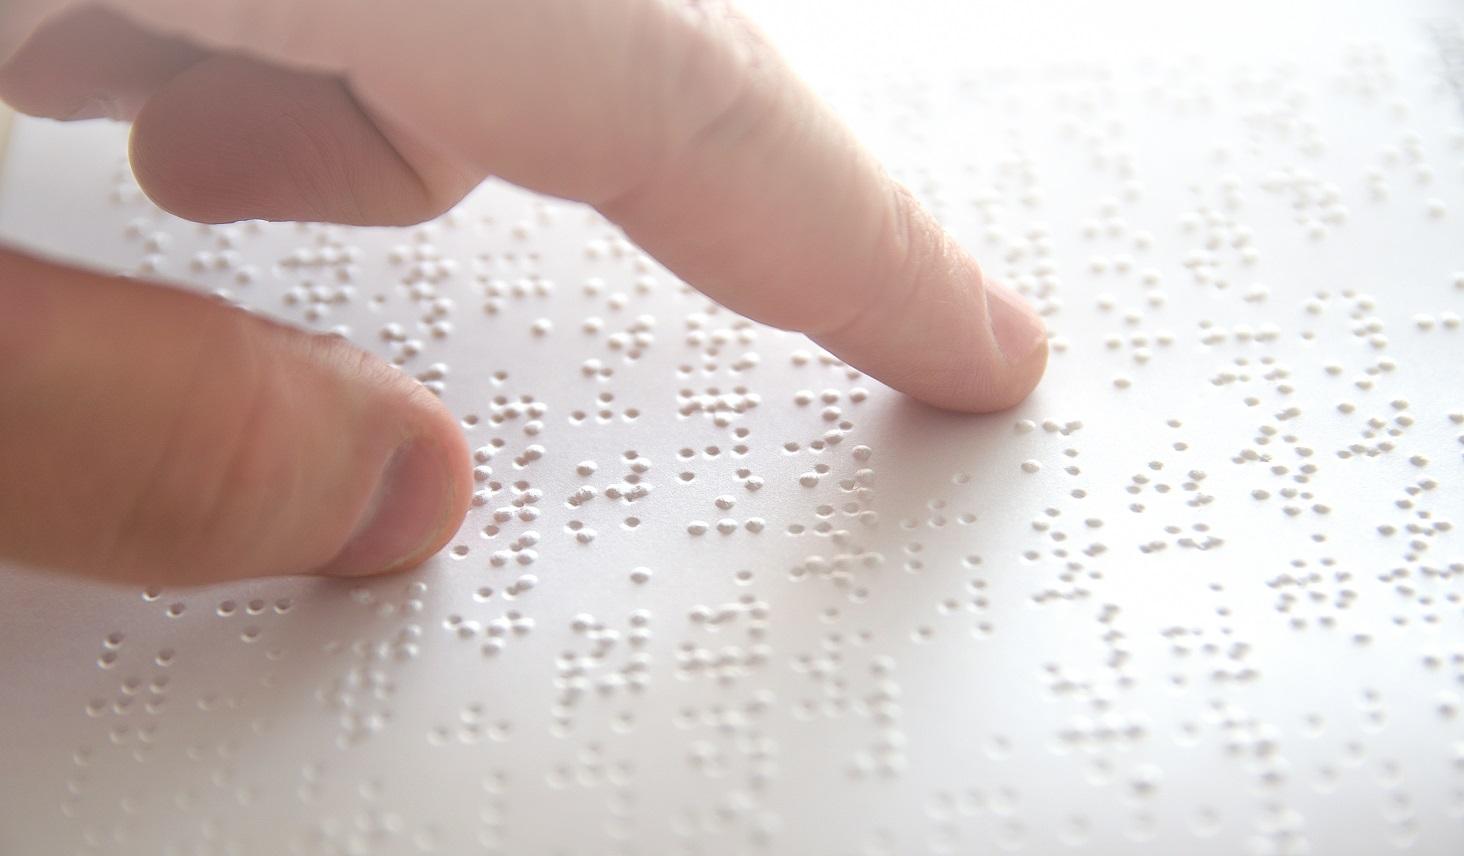 視覚障がい者にとって読む、伝えるサポートとなる点字